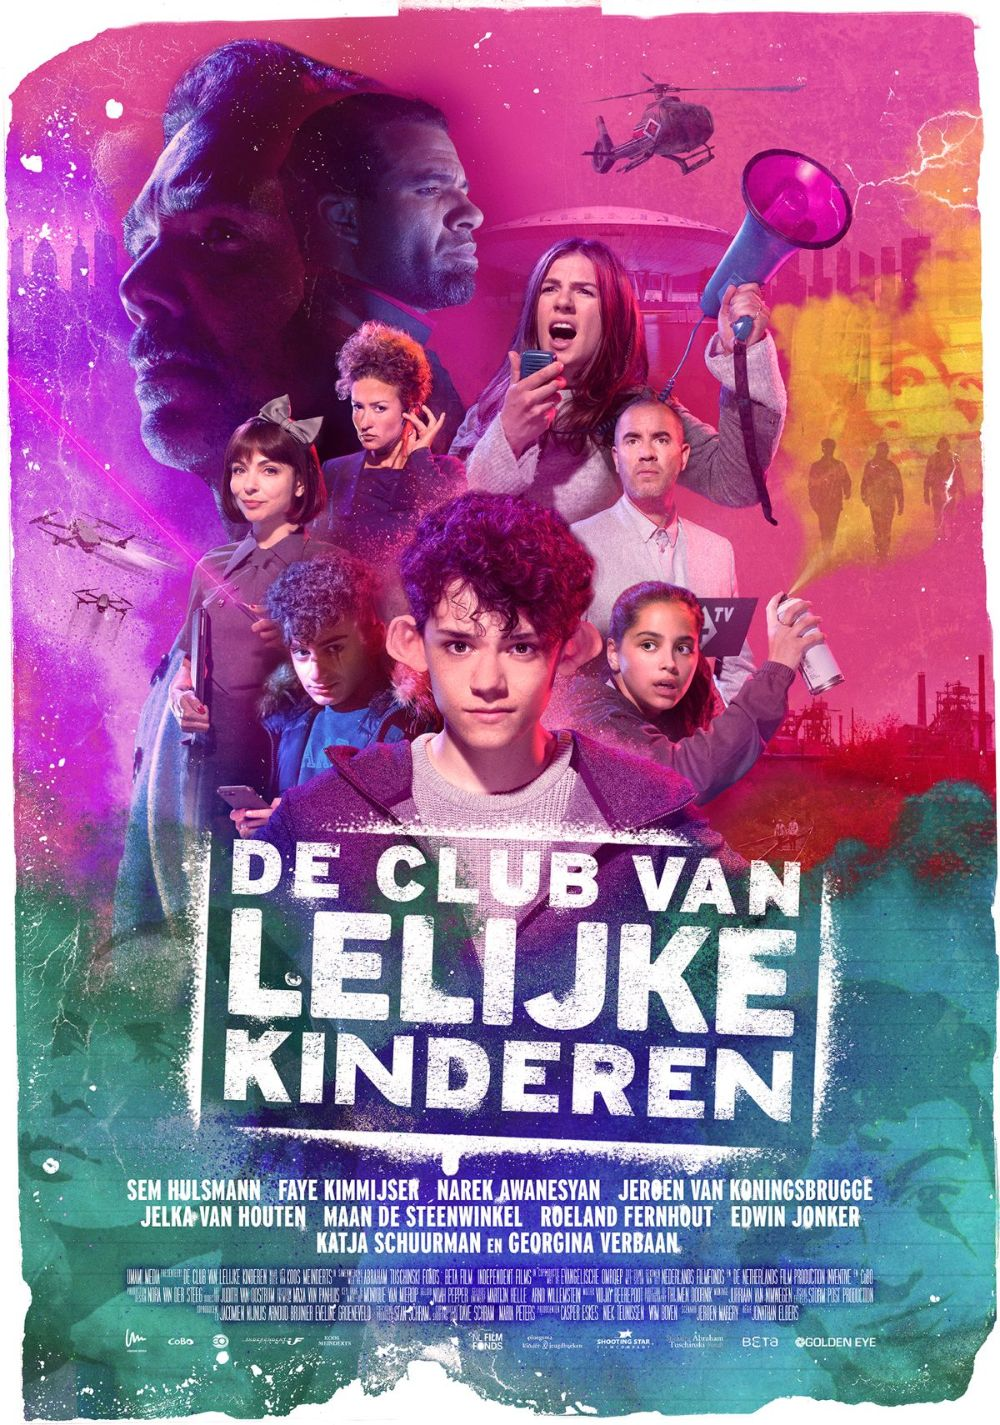 Affiche De Club van lelijke Kinderen